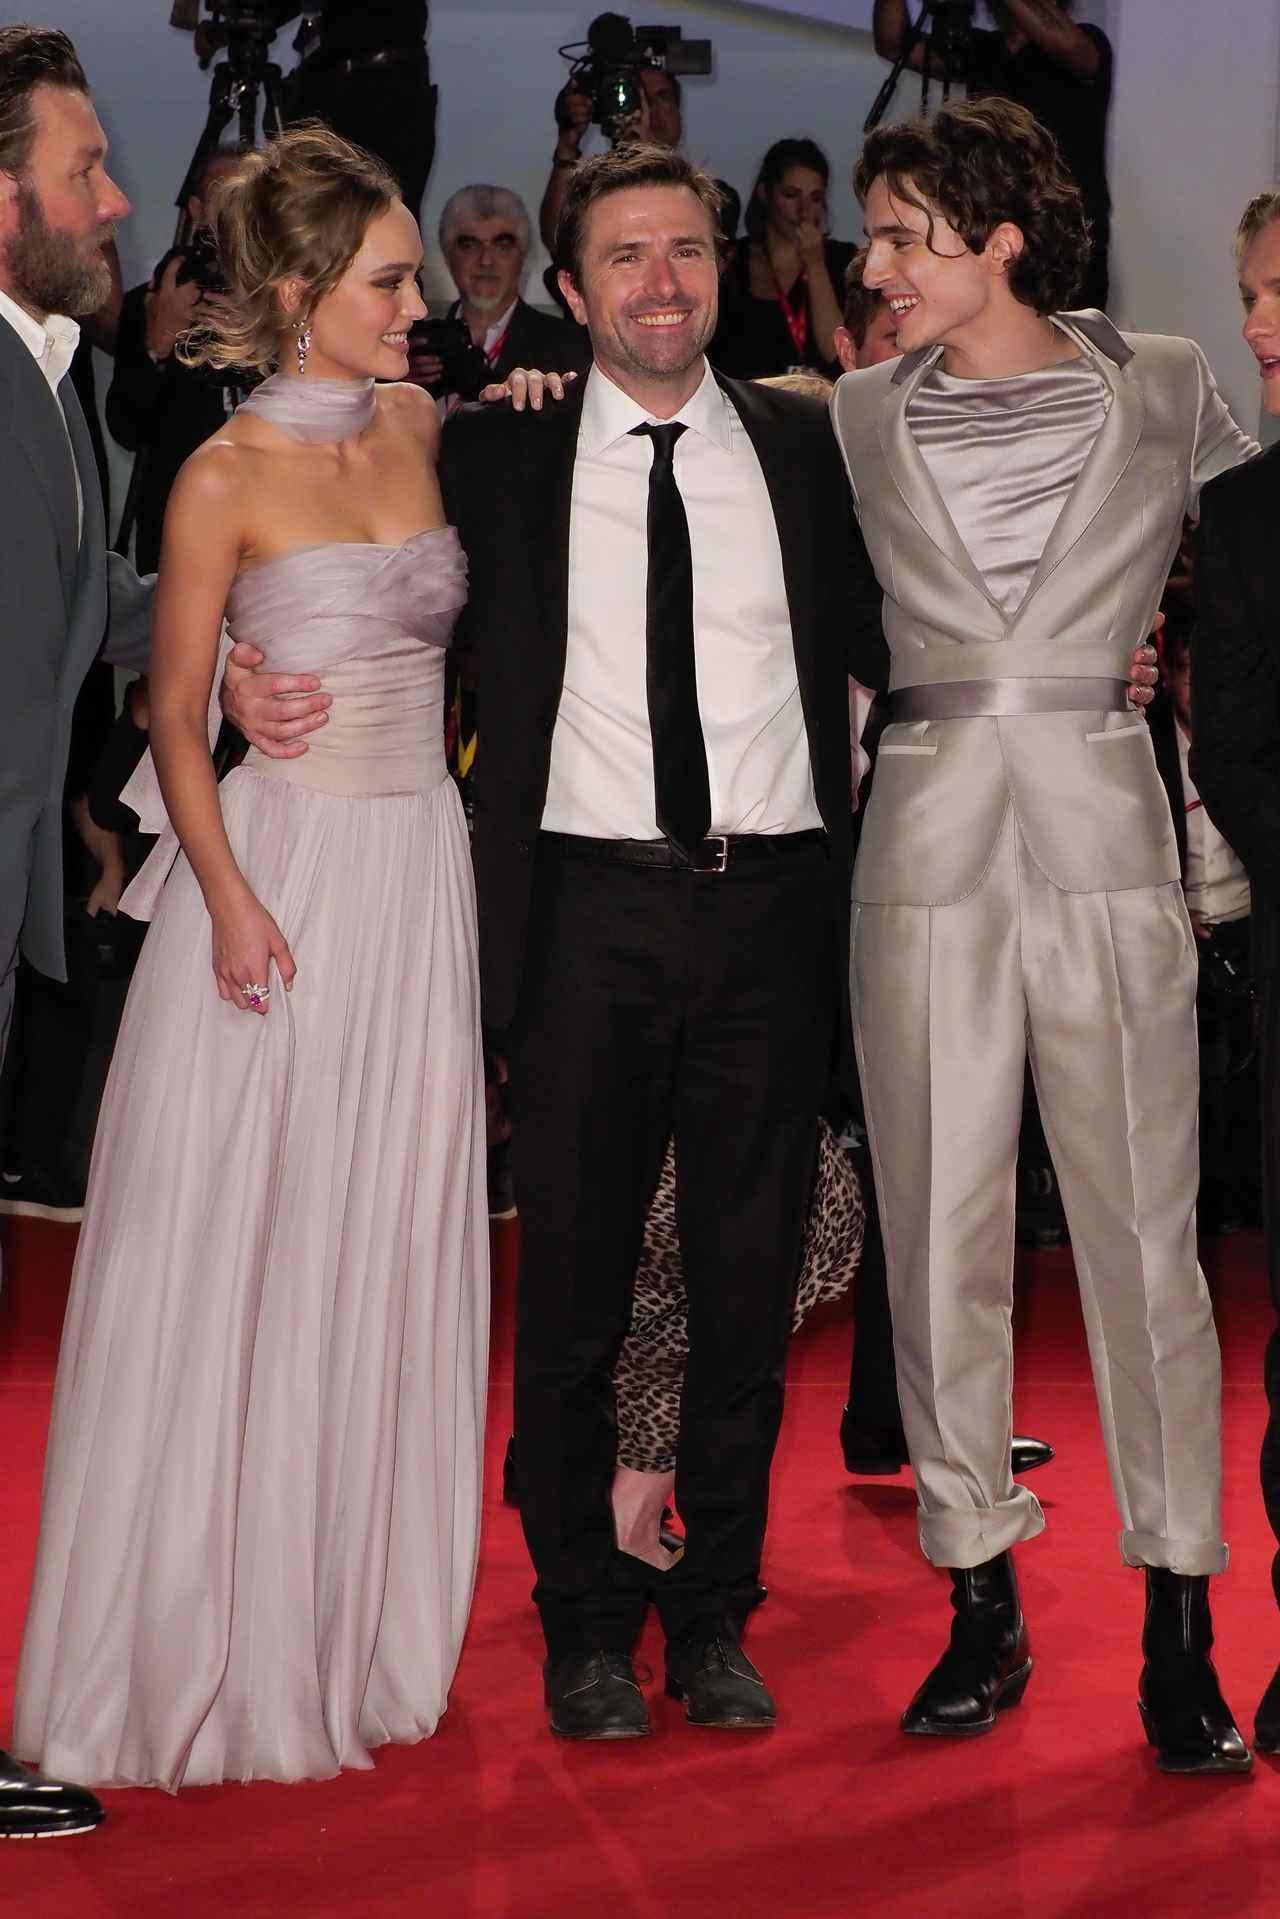 画像: ヴェネチア国際映画祭で行なわれた『キング』のプレミアのレッドカーペットで視線を交わすリリーとティモシー。